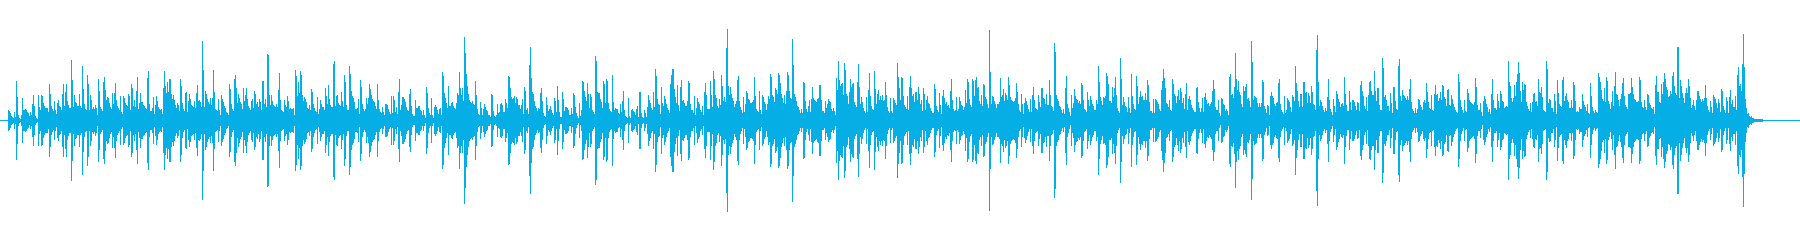 カフェで流れていそうなジャズの再生済みの波形